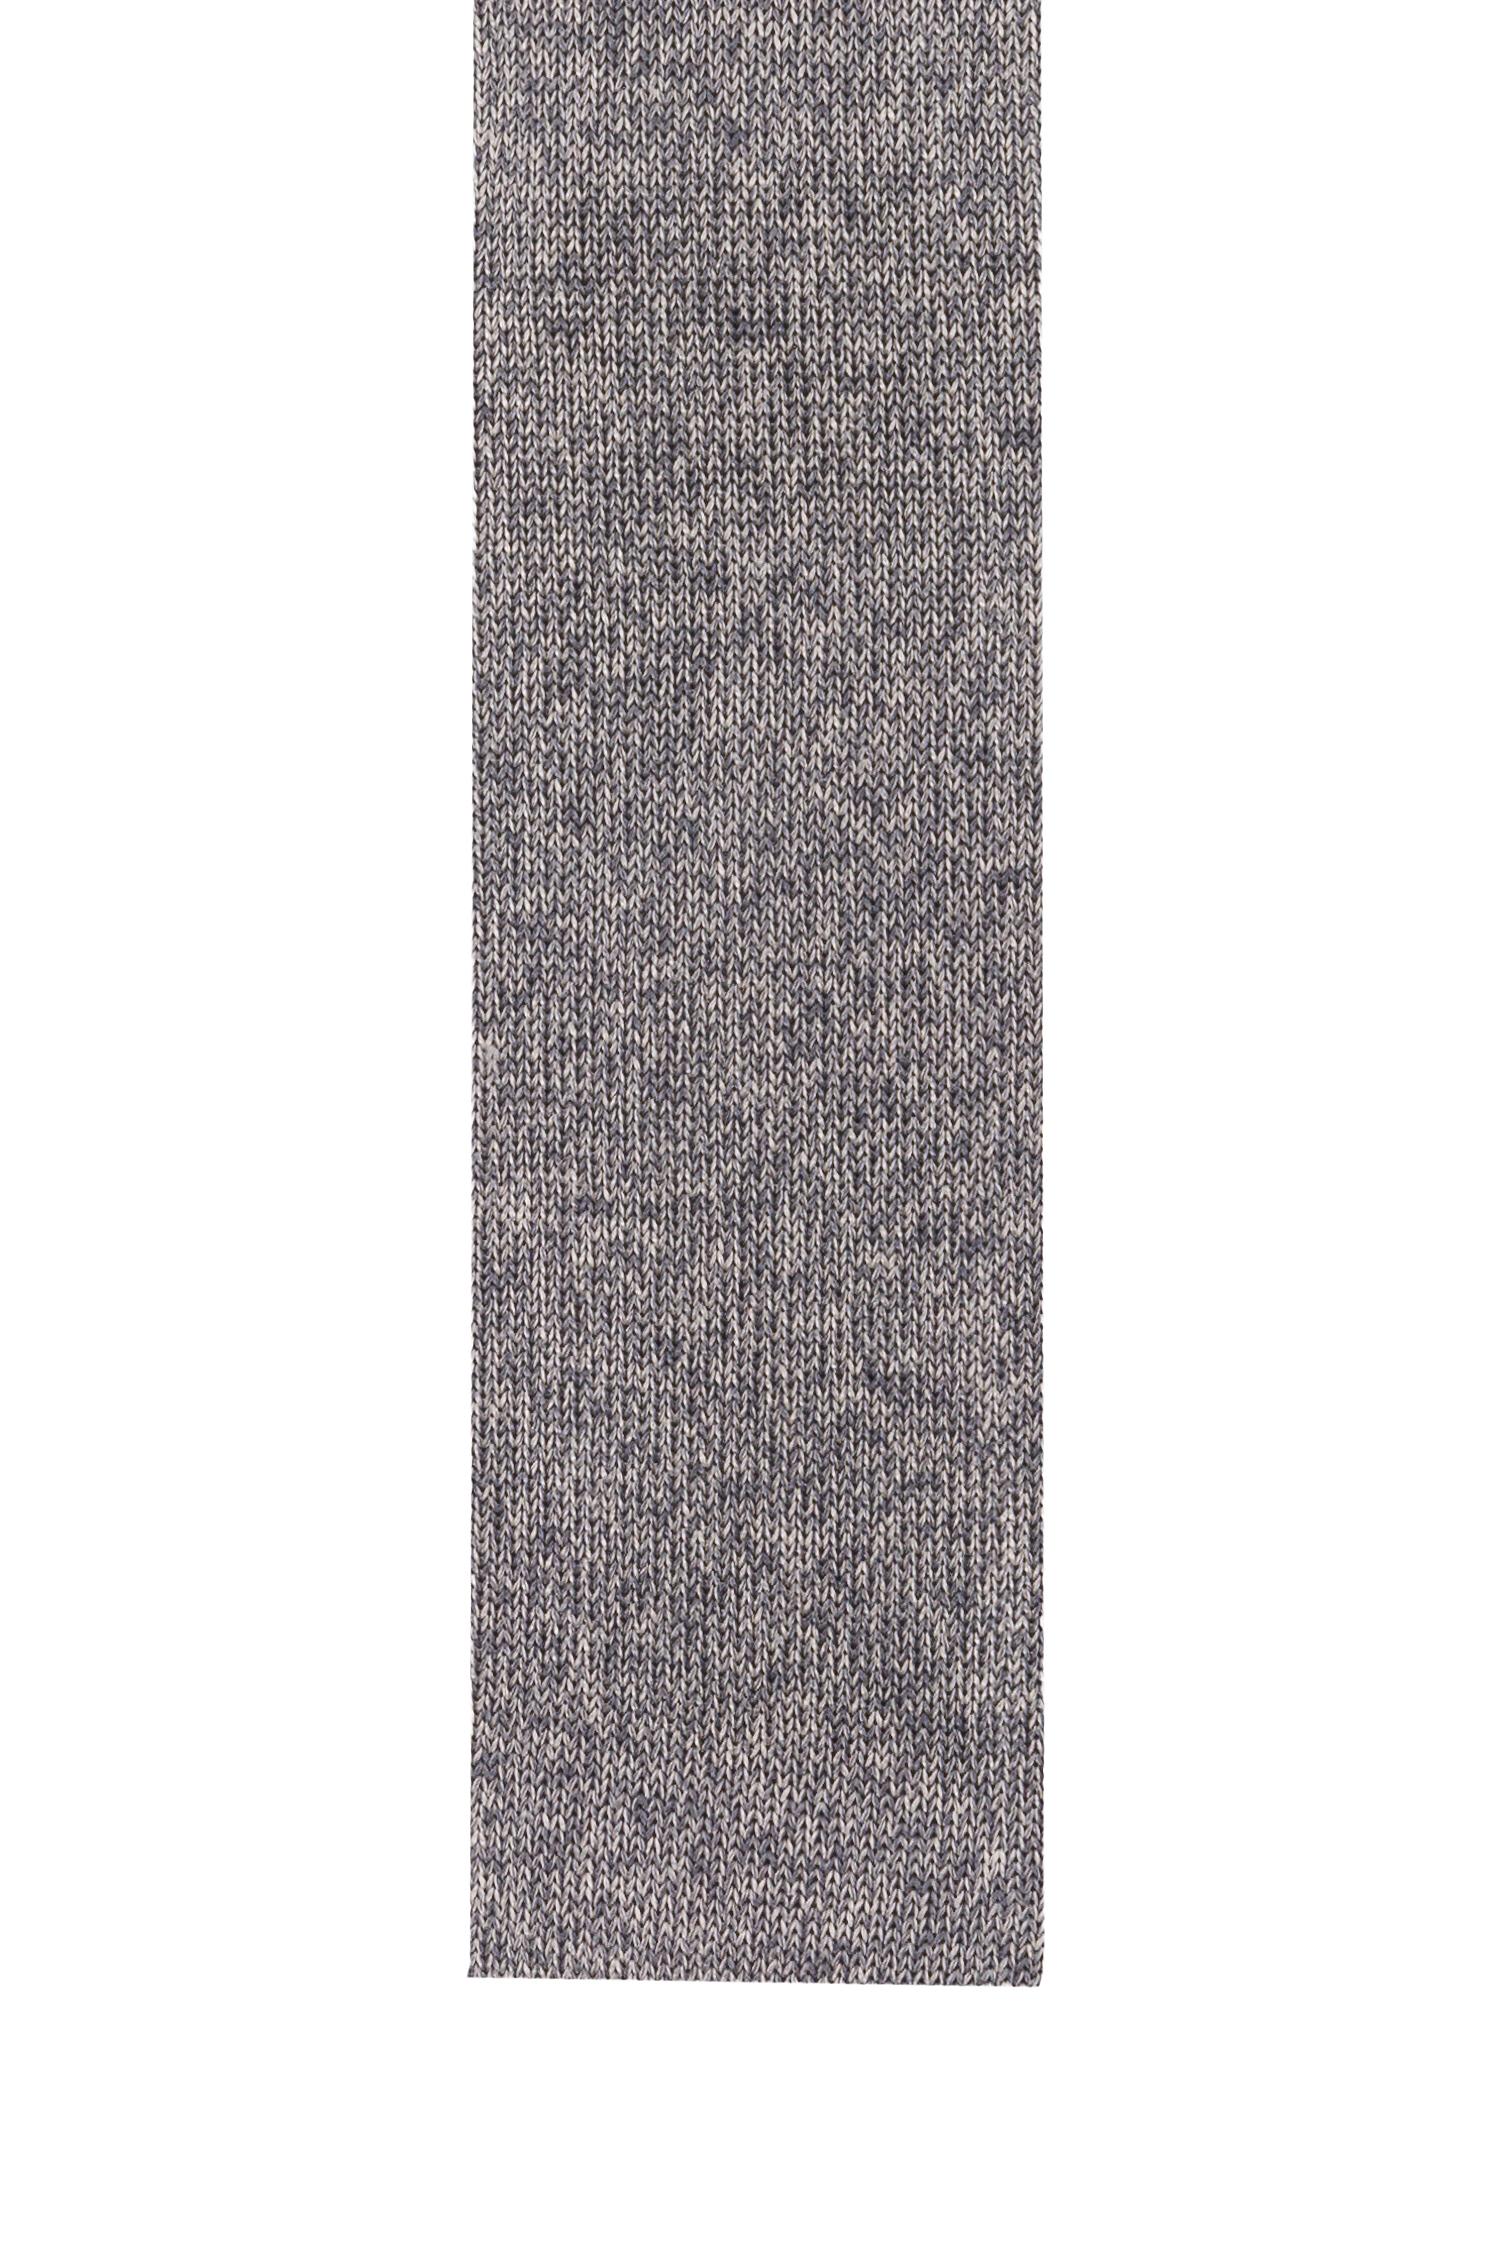 BOSS BOSS BOSS Krawatte | Louis, ausführlich  d47bb0